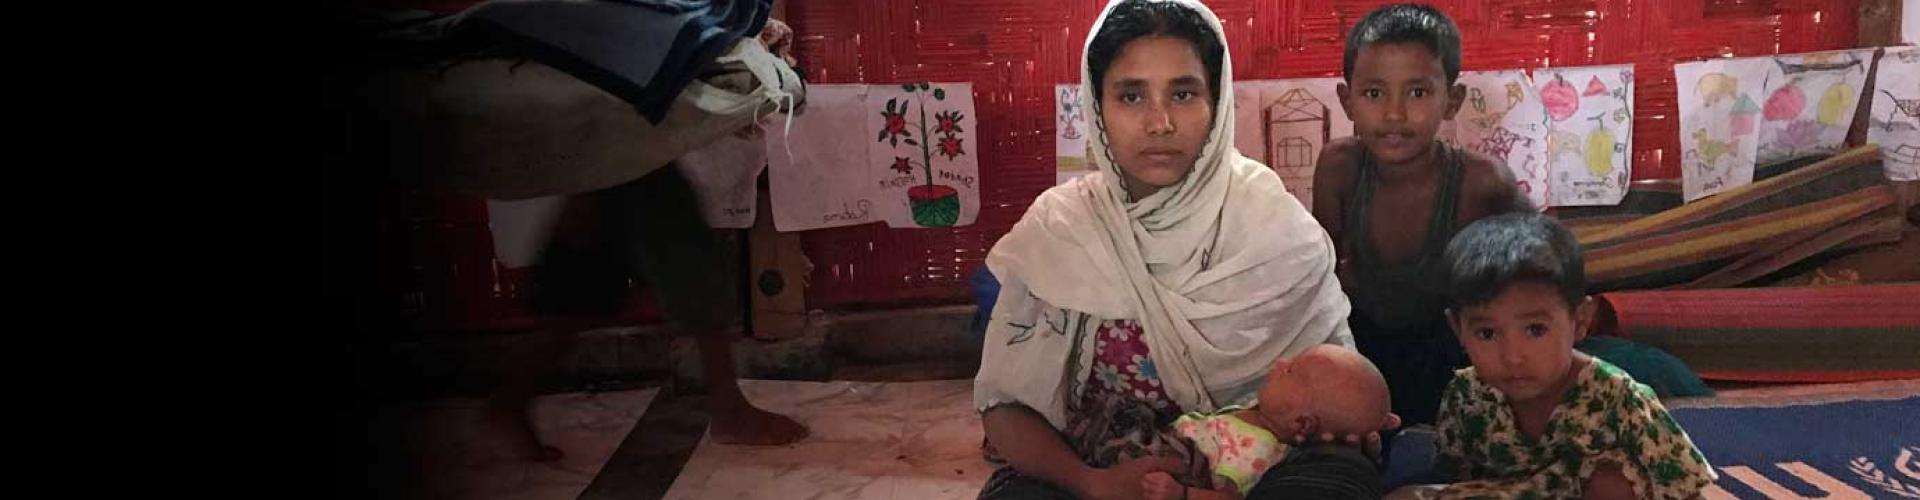 Monsoon rains batter Bangladesh Rohingya refugee settlements.